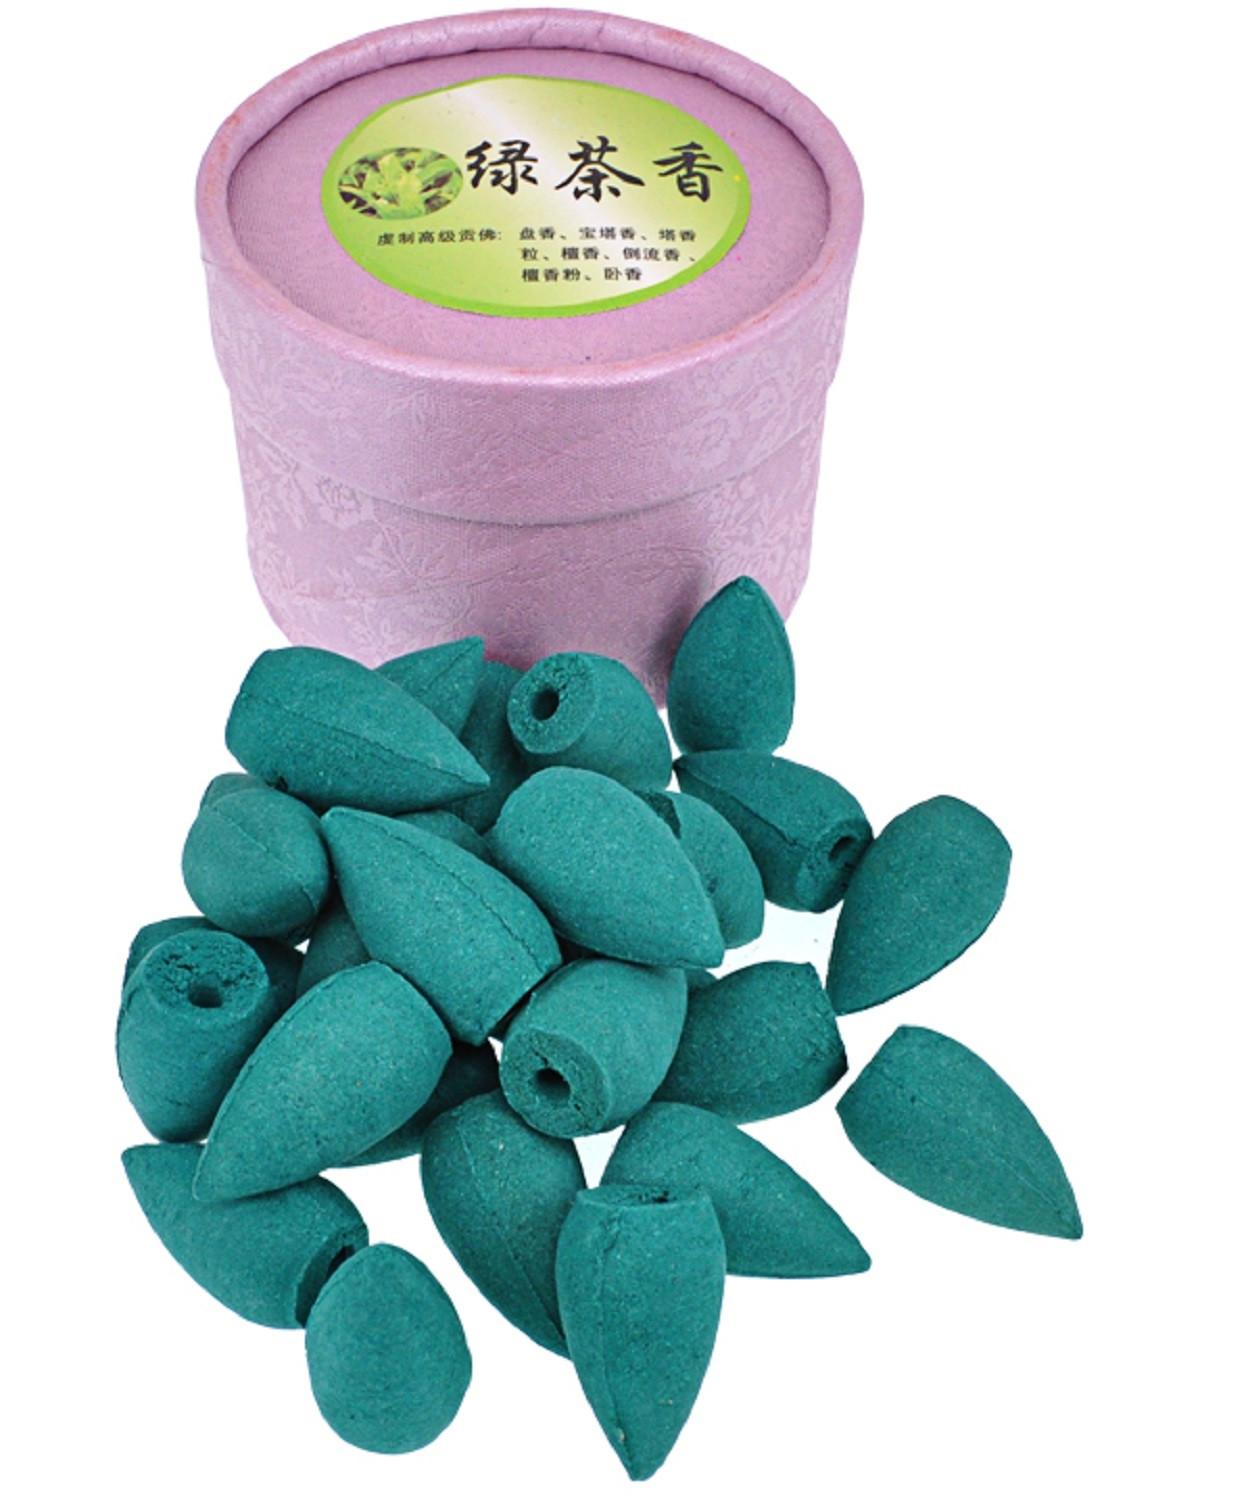 Благовония Пуля BCN001-07 стелющийся дым 25 шт, Зелёный чай